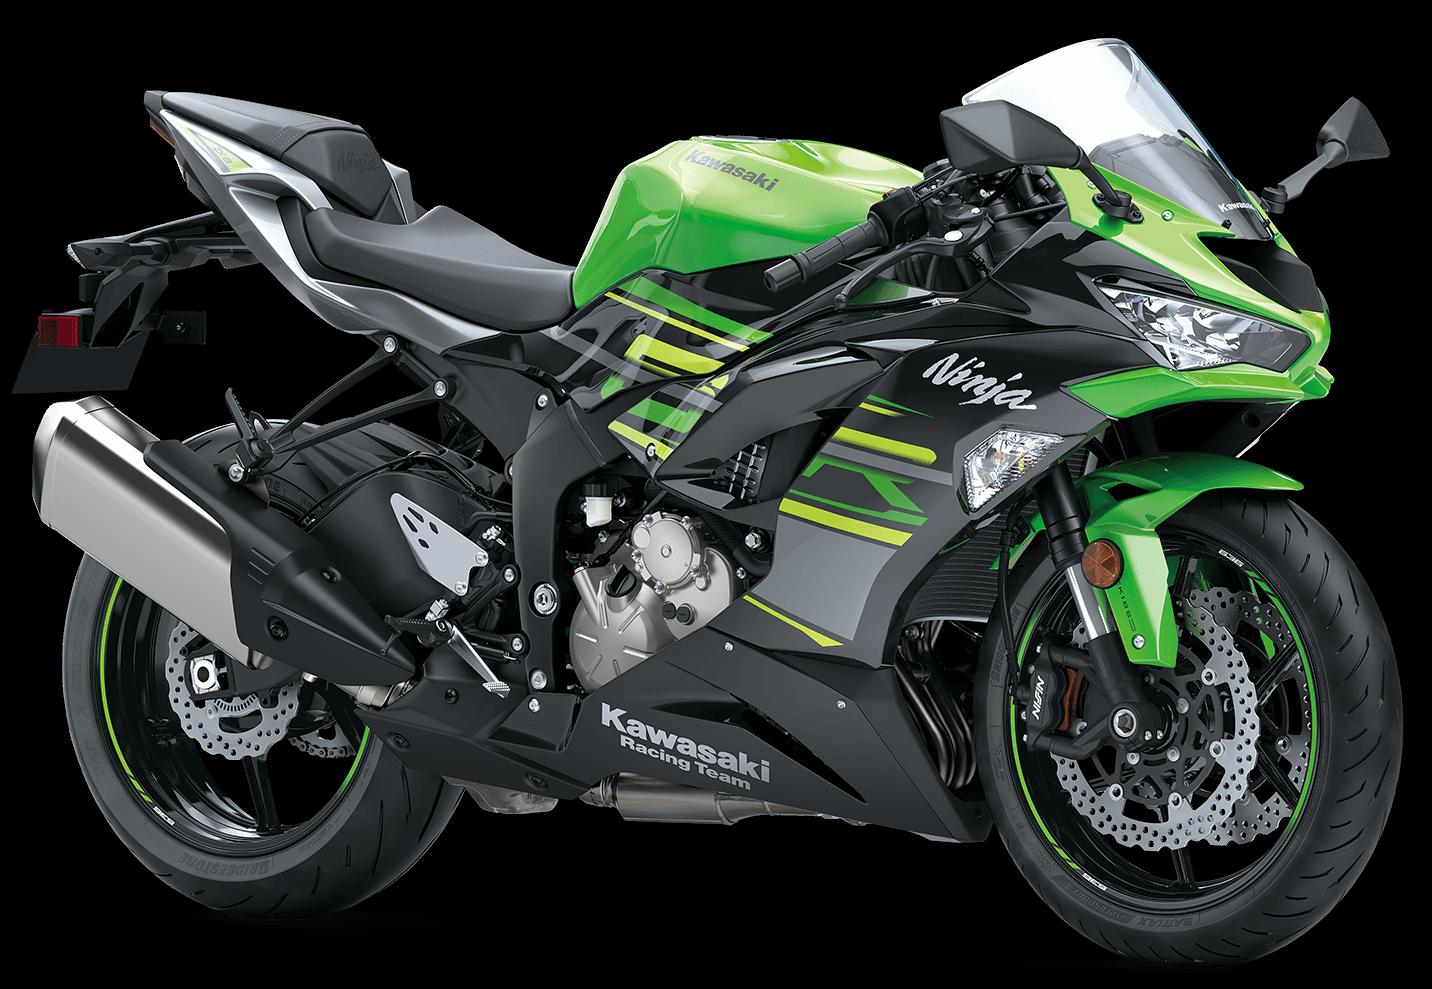 2019 KAWASAKI ZX-6R - Patagonia Motorcycles - Florida